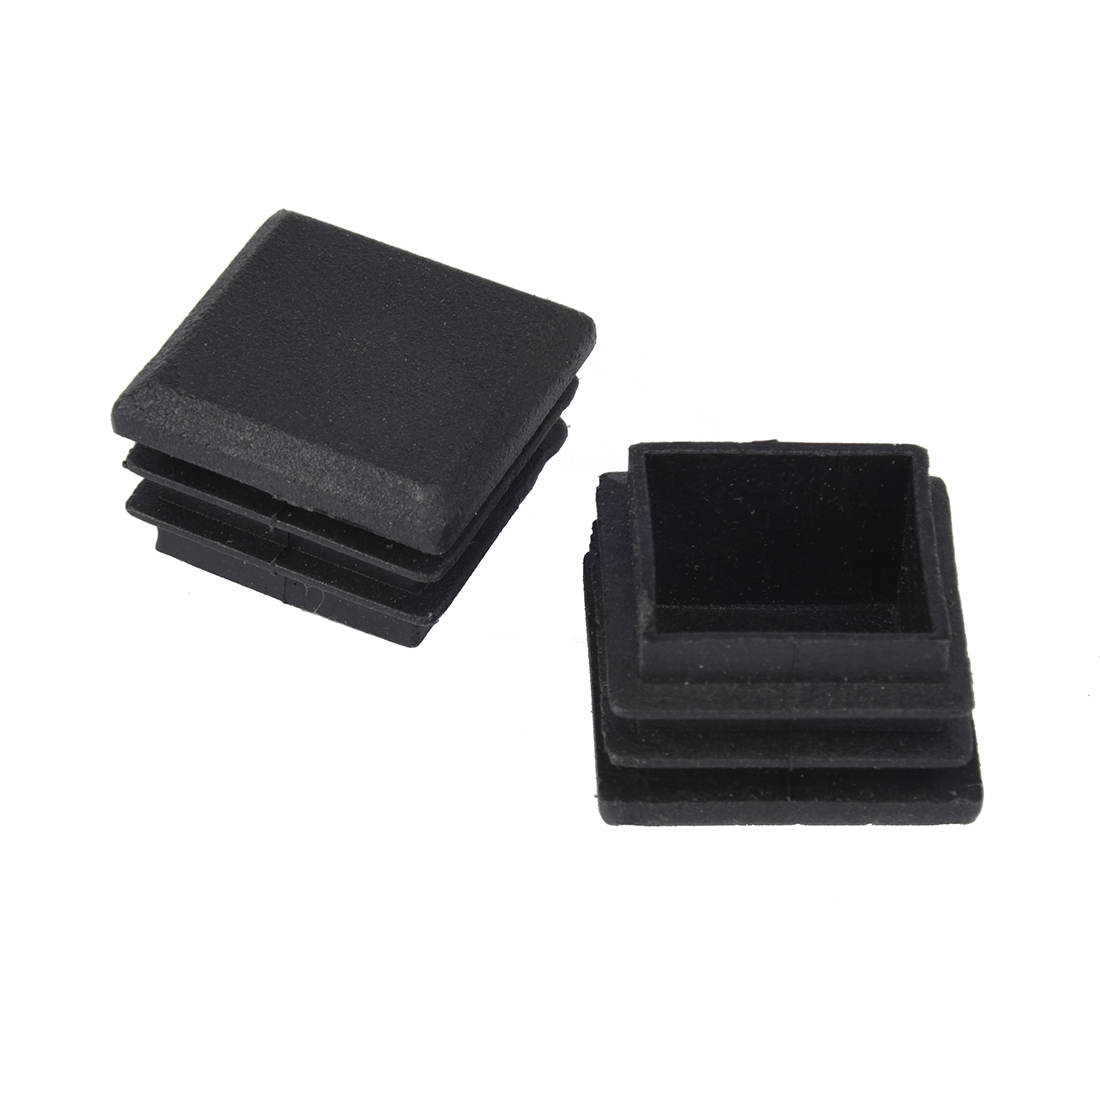 цена на HOT GCZW-10 Pcs Black Plastic Square Tube Inserts End Blanking Cap 25mm x 25mm